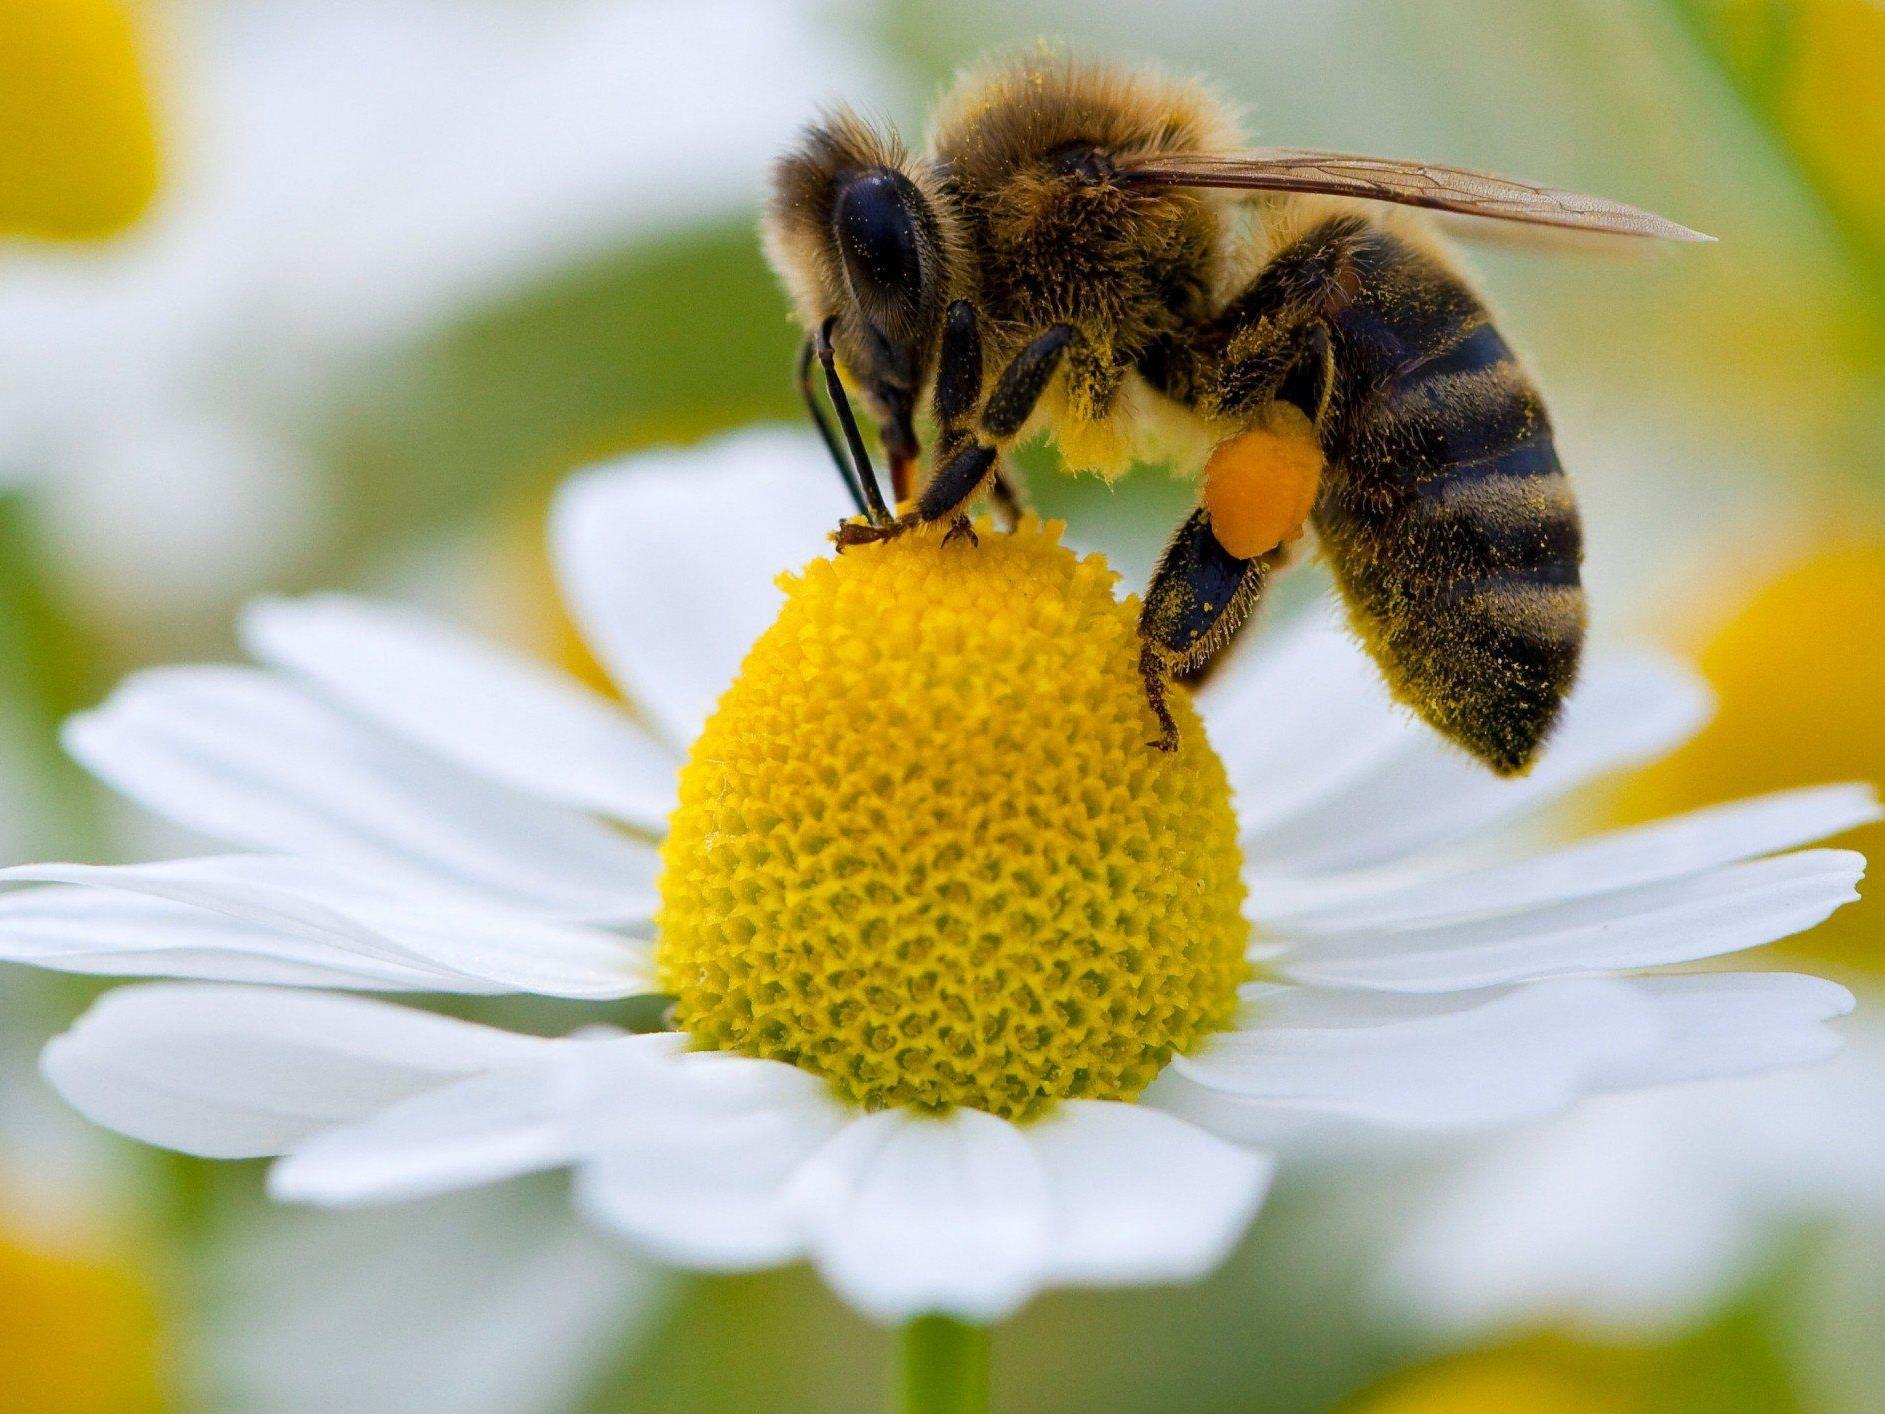 In Wien wurden auf den Friedhöfen zahlreiche Bienenstöcke zerstört.